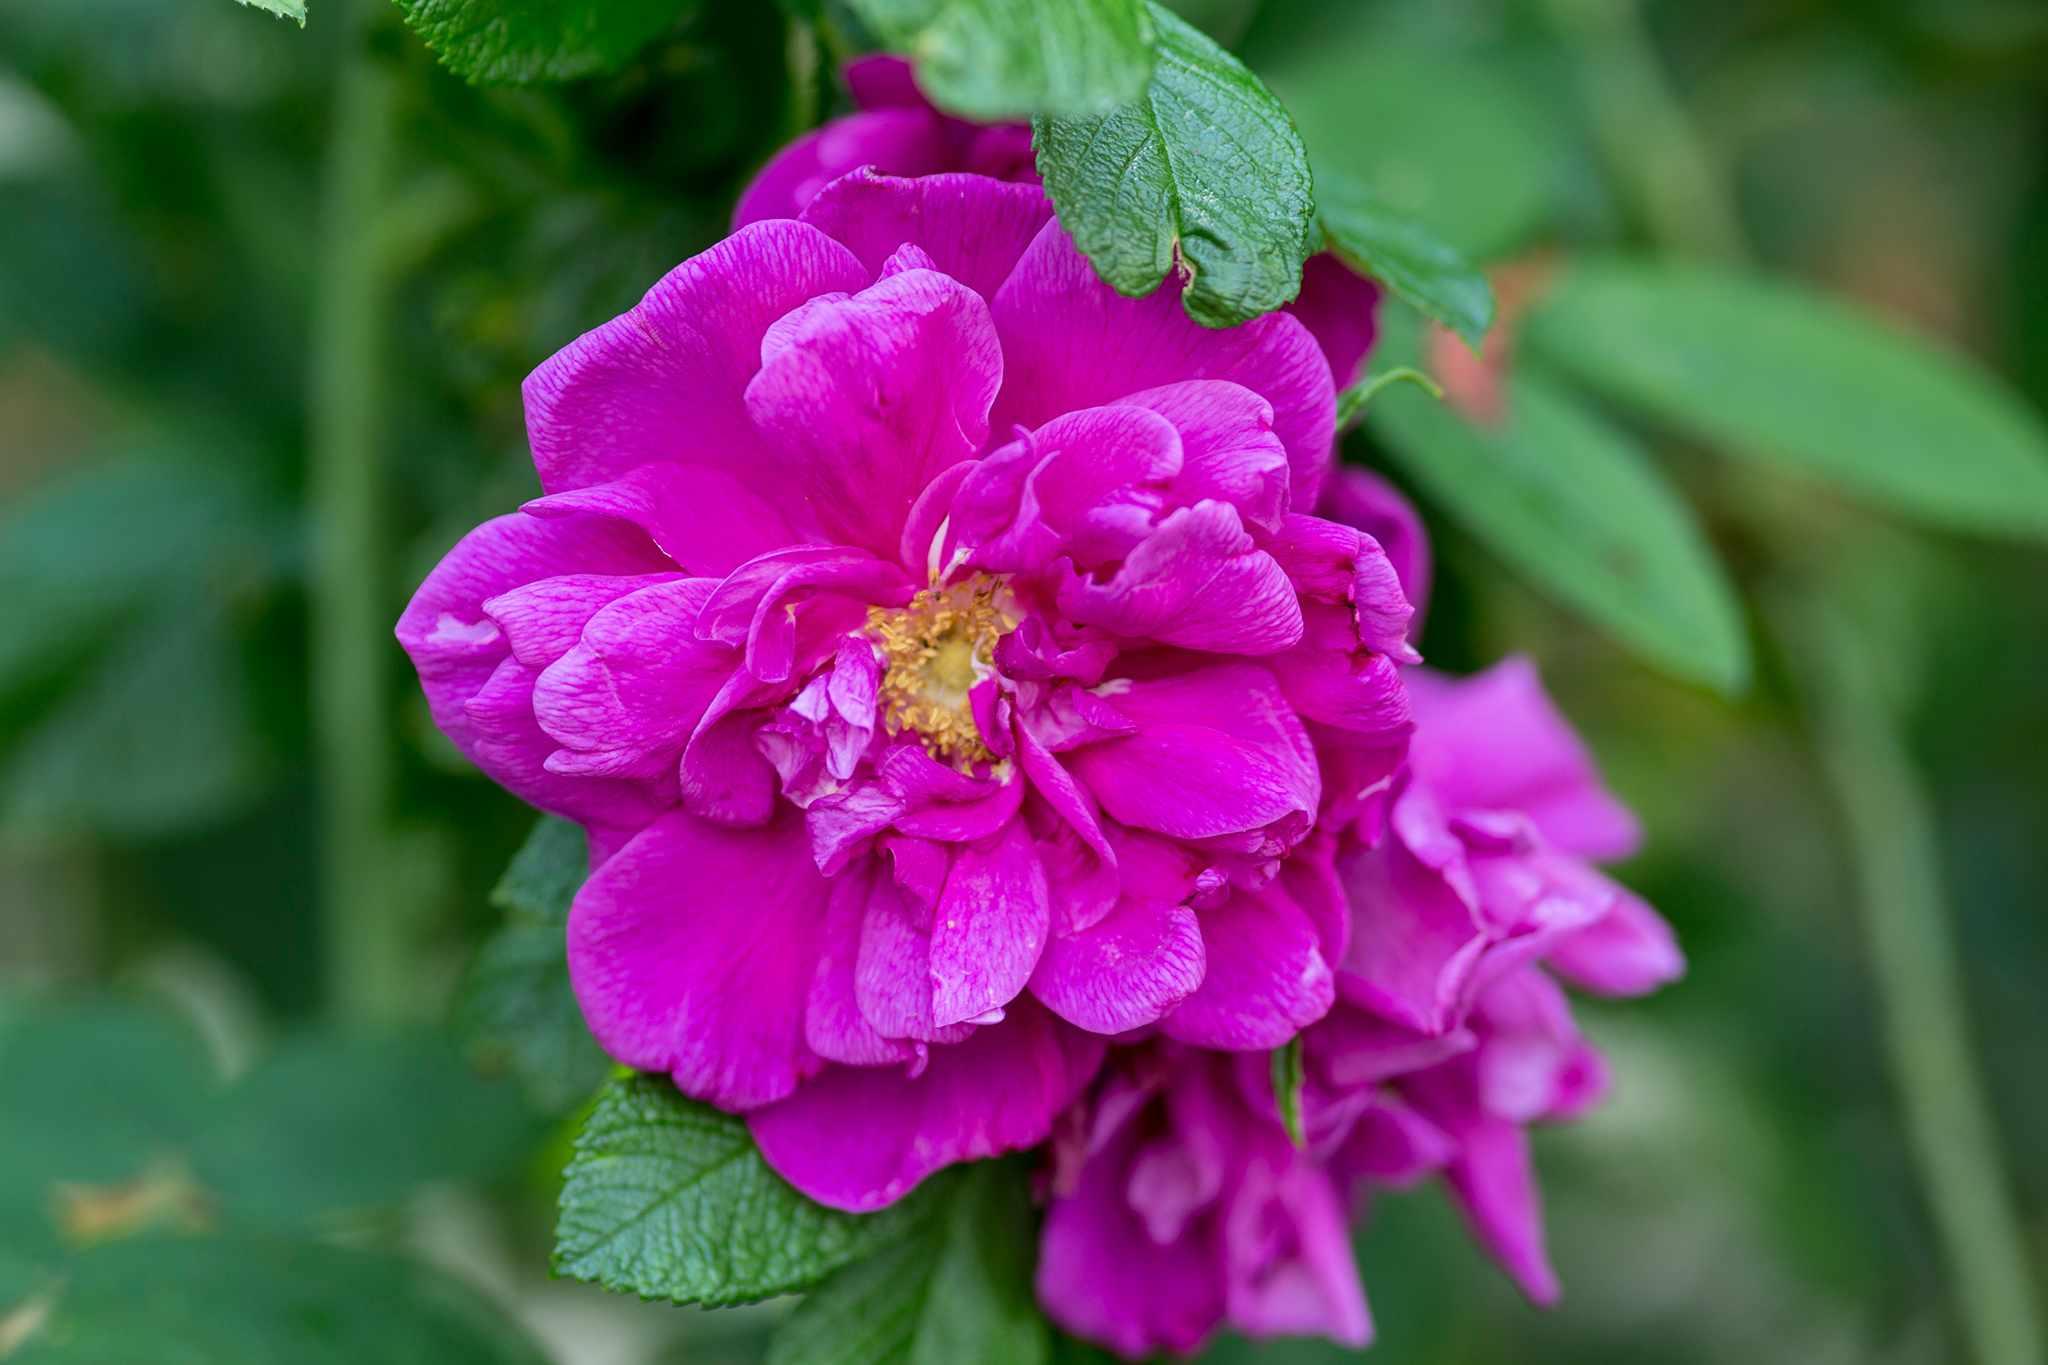 Pink flower Rosa 'Roseraie de l'Hay'